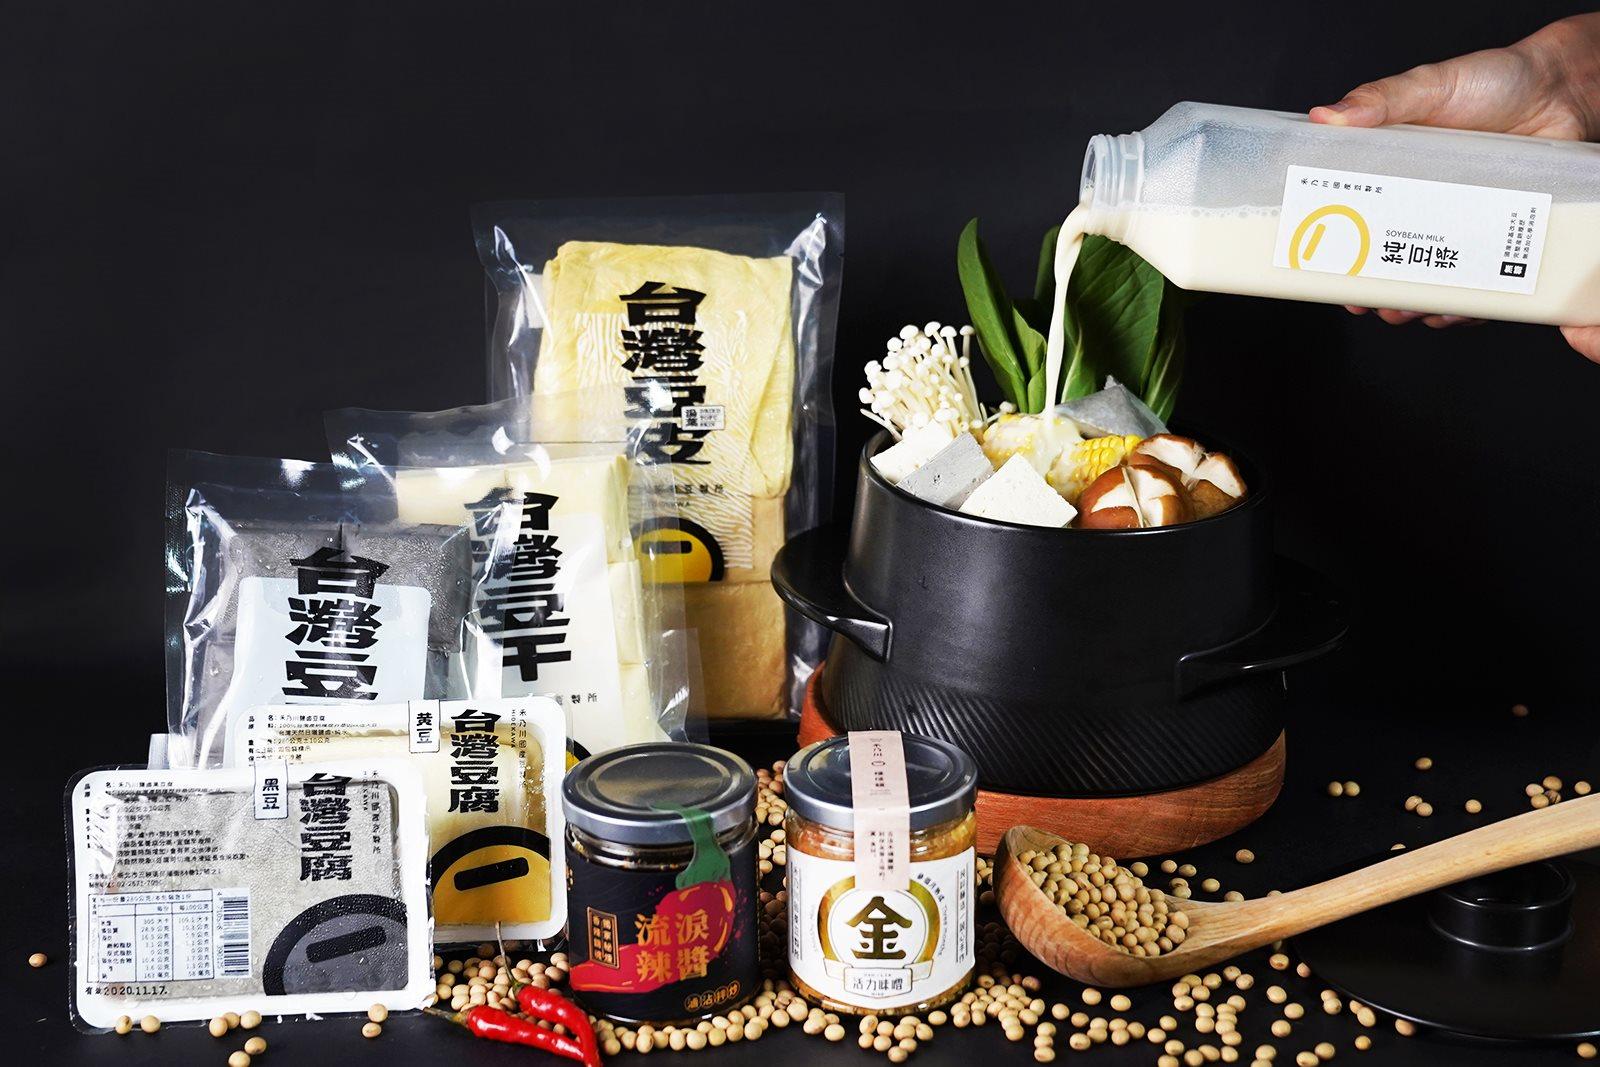 冬季鍋物首選—流淚辣醬濃郁豆漿火鍋 | 禾乃川小廚房